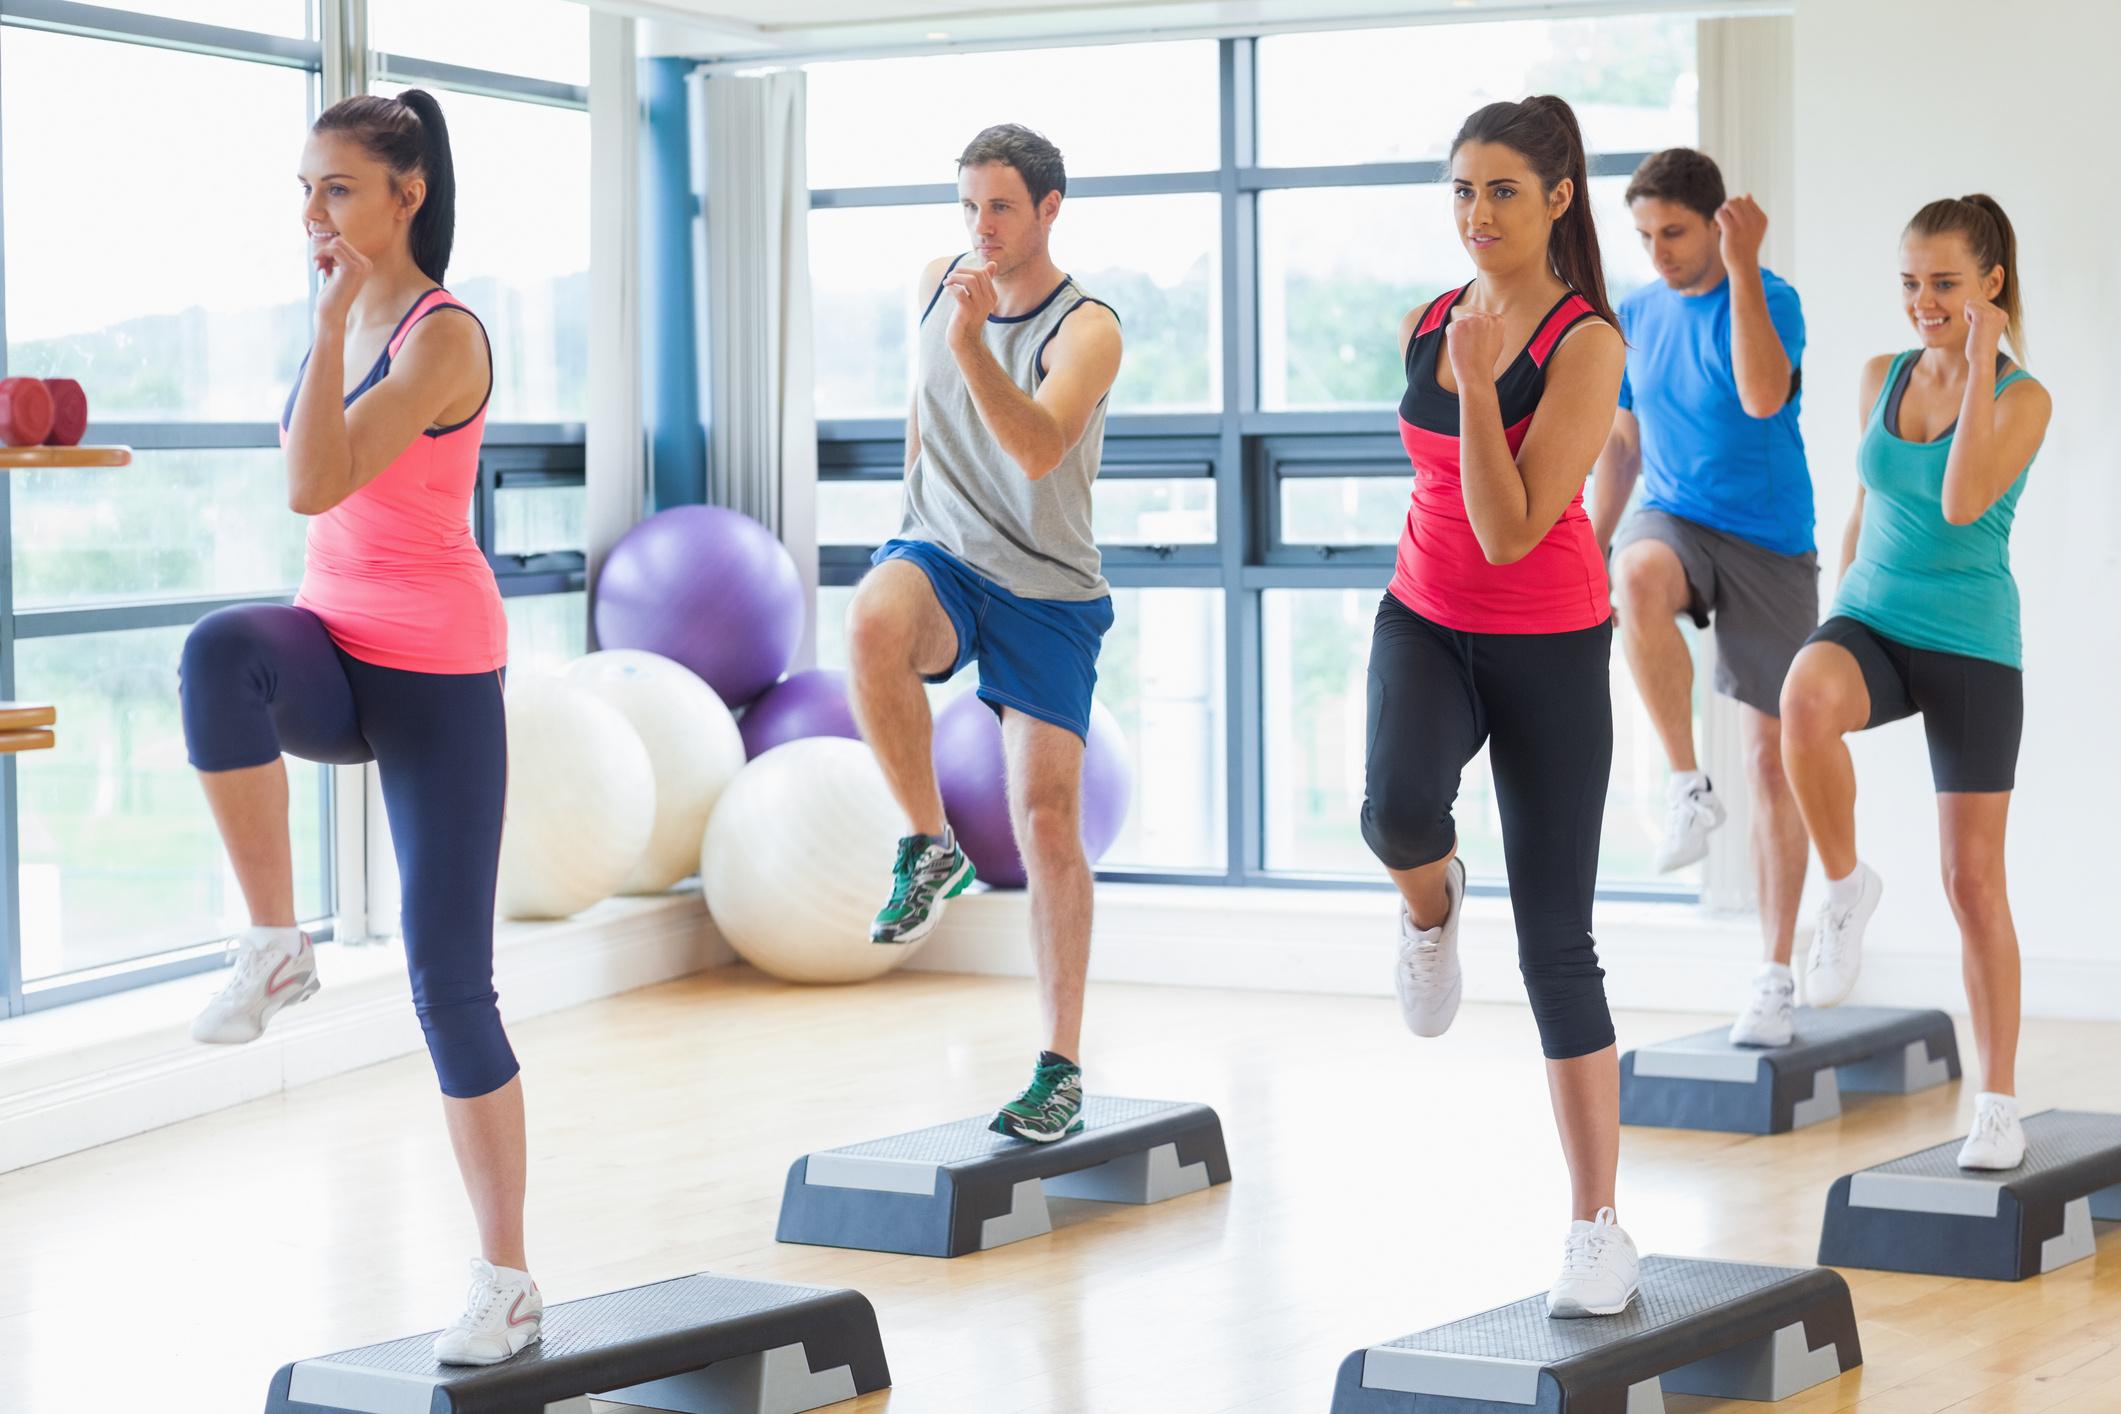 Kilenc tipp ahhoz, hogy miképpen égethet több zsírt futás közben!